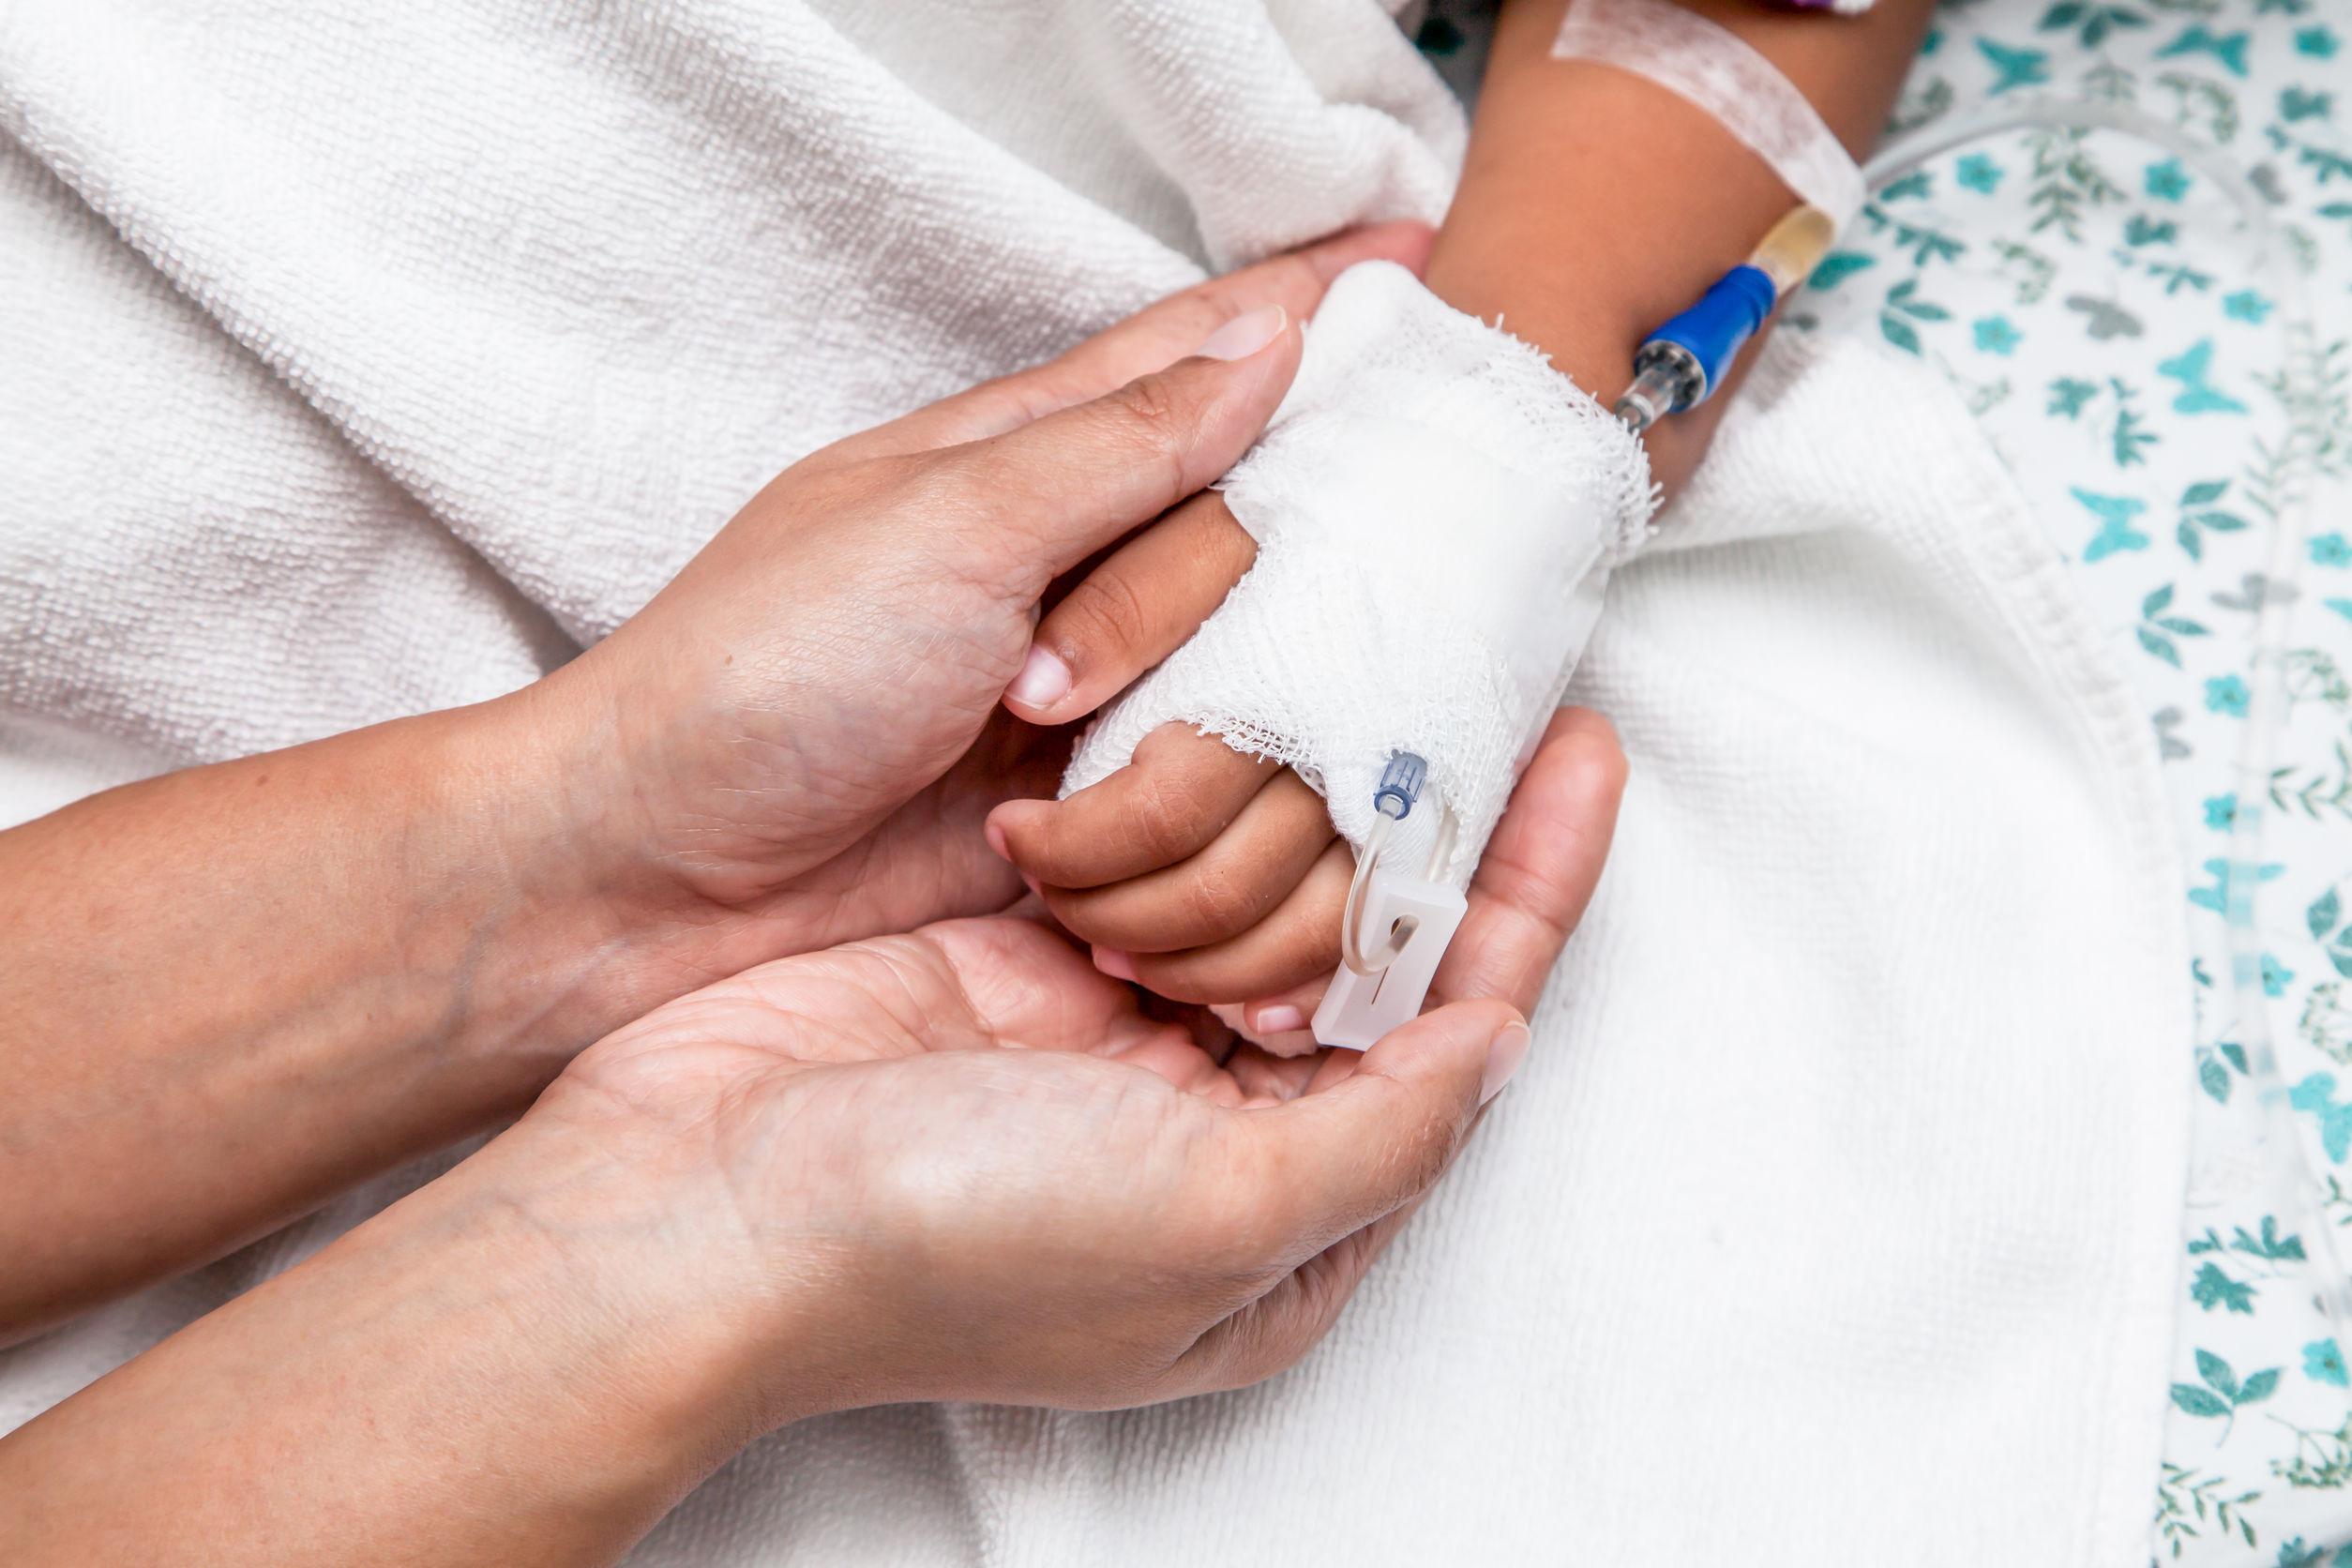 SALVAREA Petronelei. Părinţii fetiţei de 8 ani, din Iaşi, bolnavă de cancer, OBLIGAŢI de instanţă să accepte tratamentul